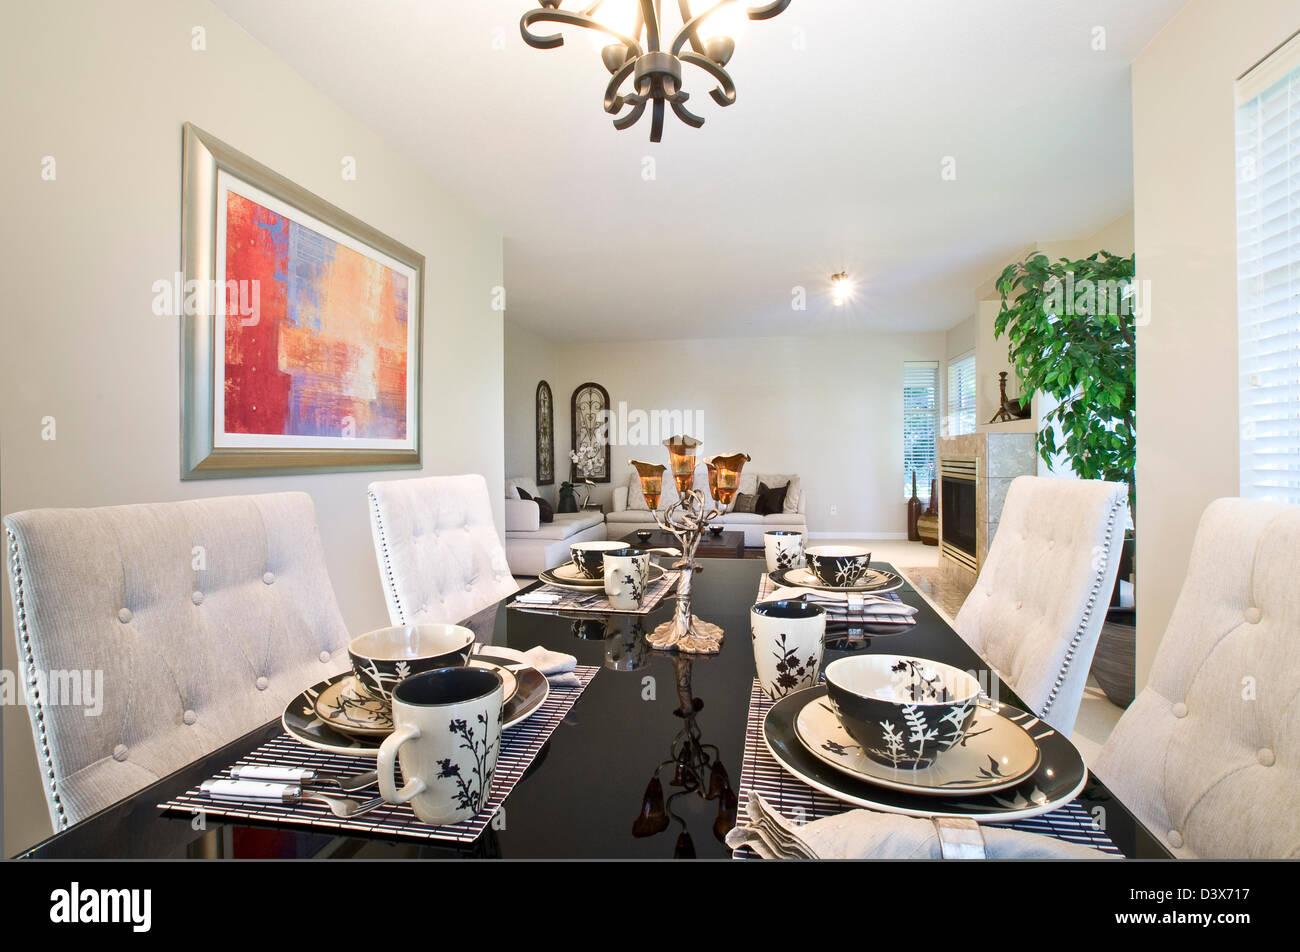 Mesa de comedor contemporáneo, con cena completa cubertería y la placa de ajuste. Imagen De Stock